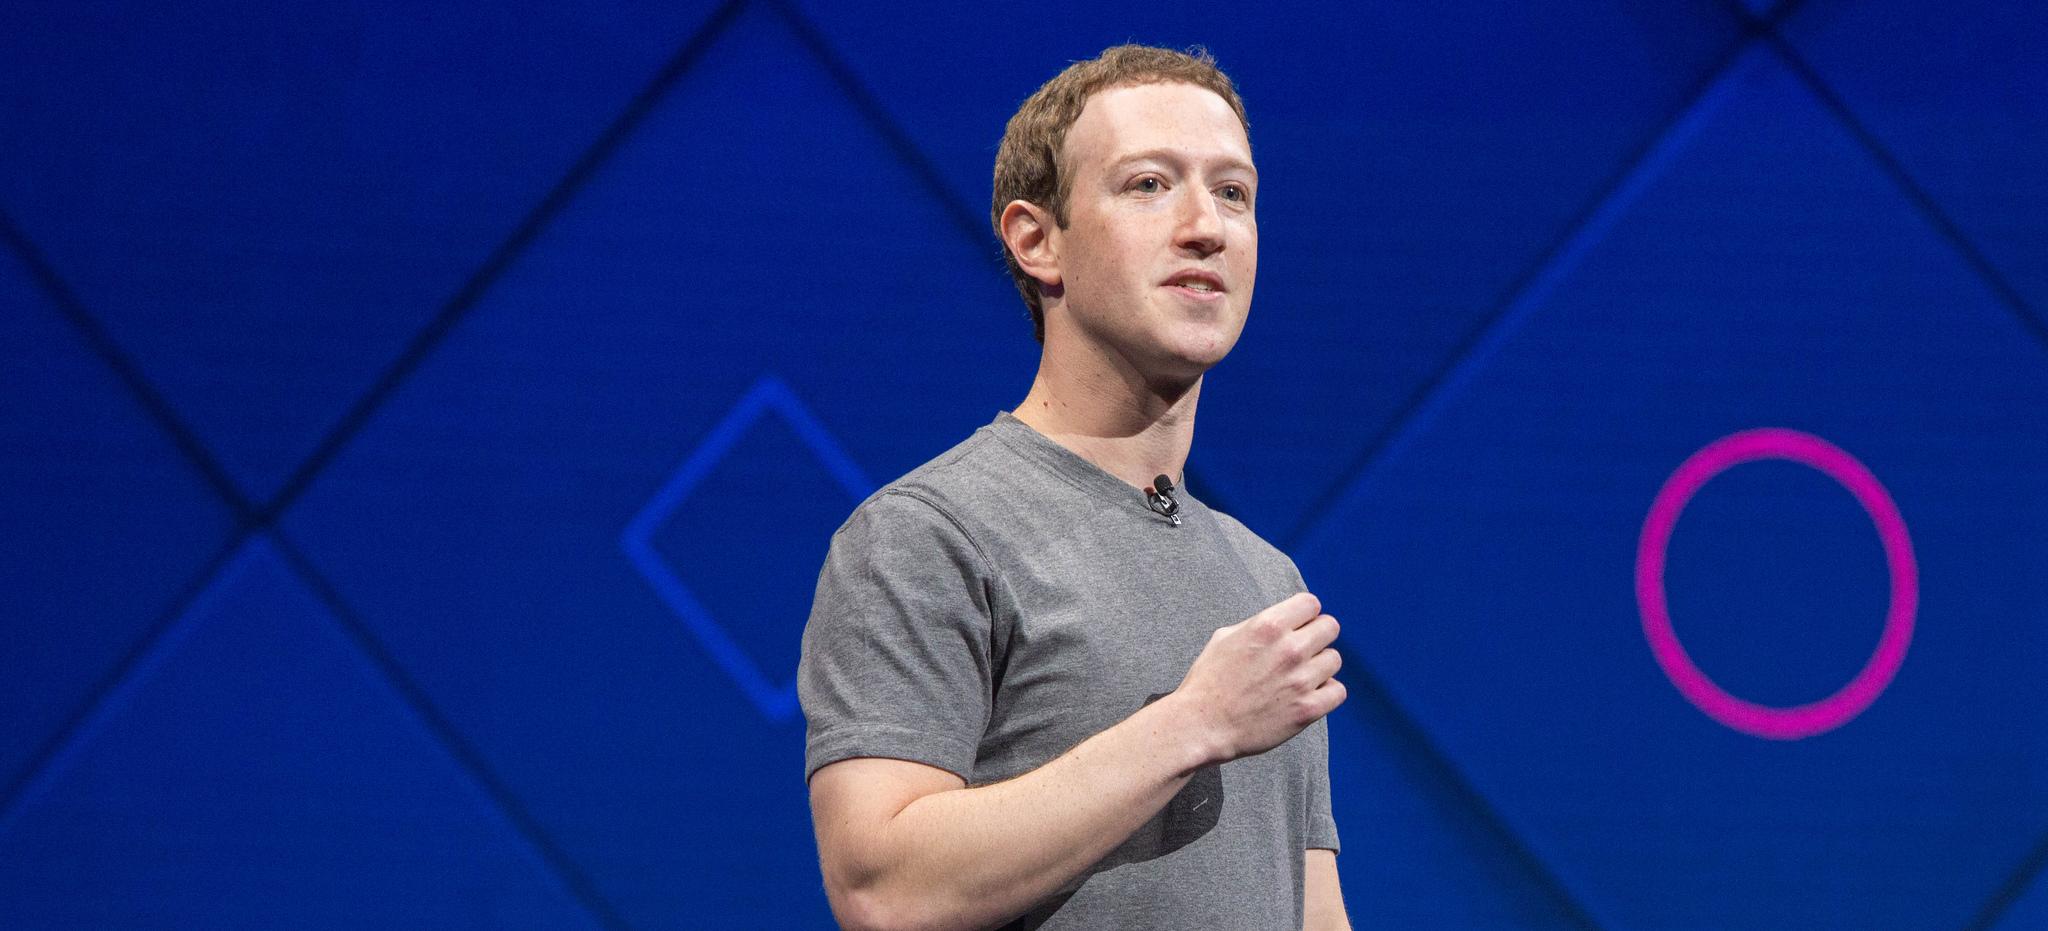 UBI là gì, Bill Gates, Elon Musk, Mark Zuckerberg... nói gì về